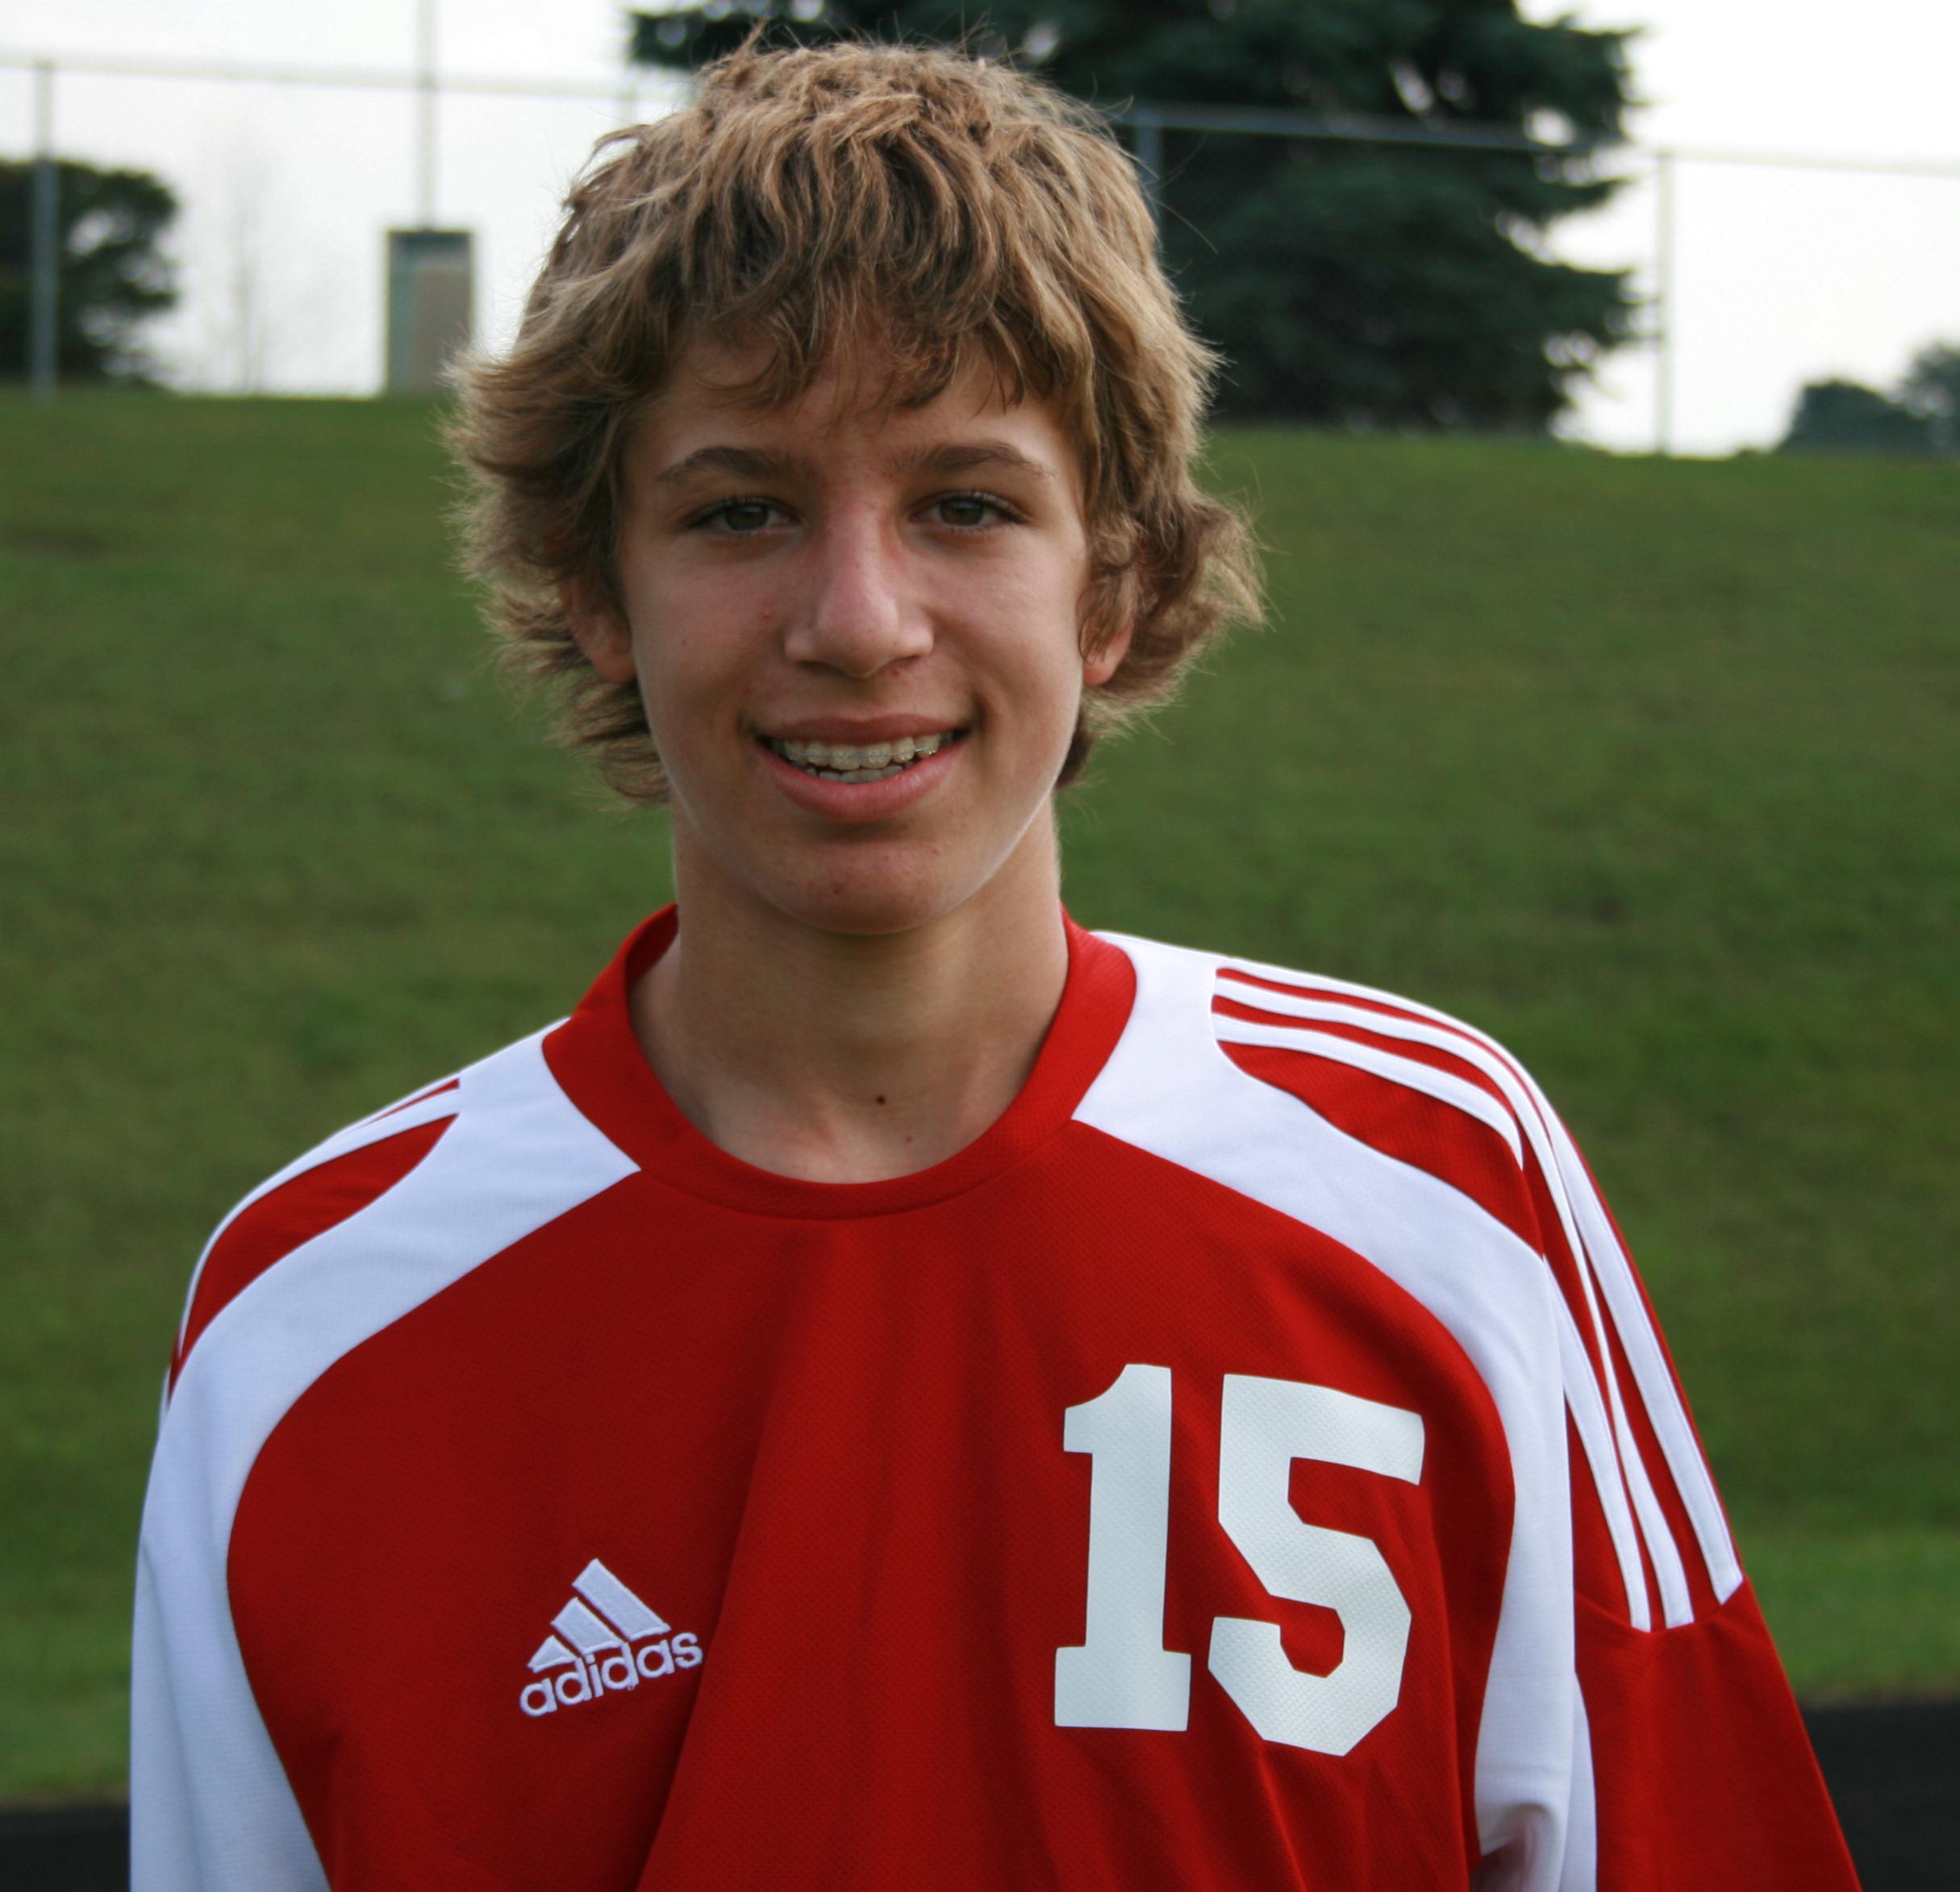 15-Ryan Vicenzi.JPG